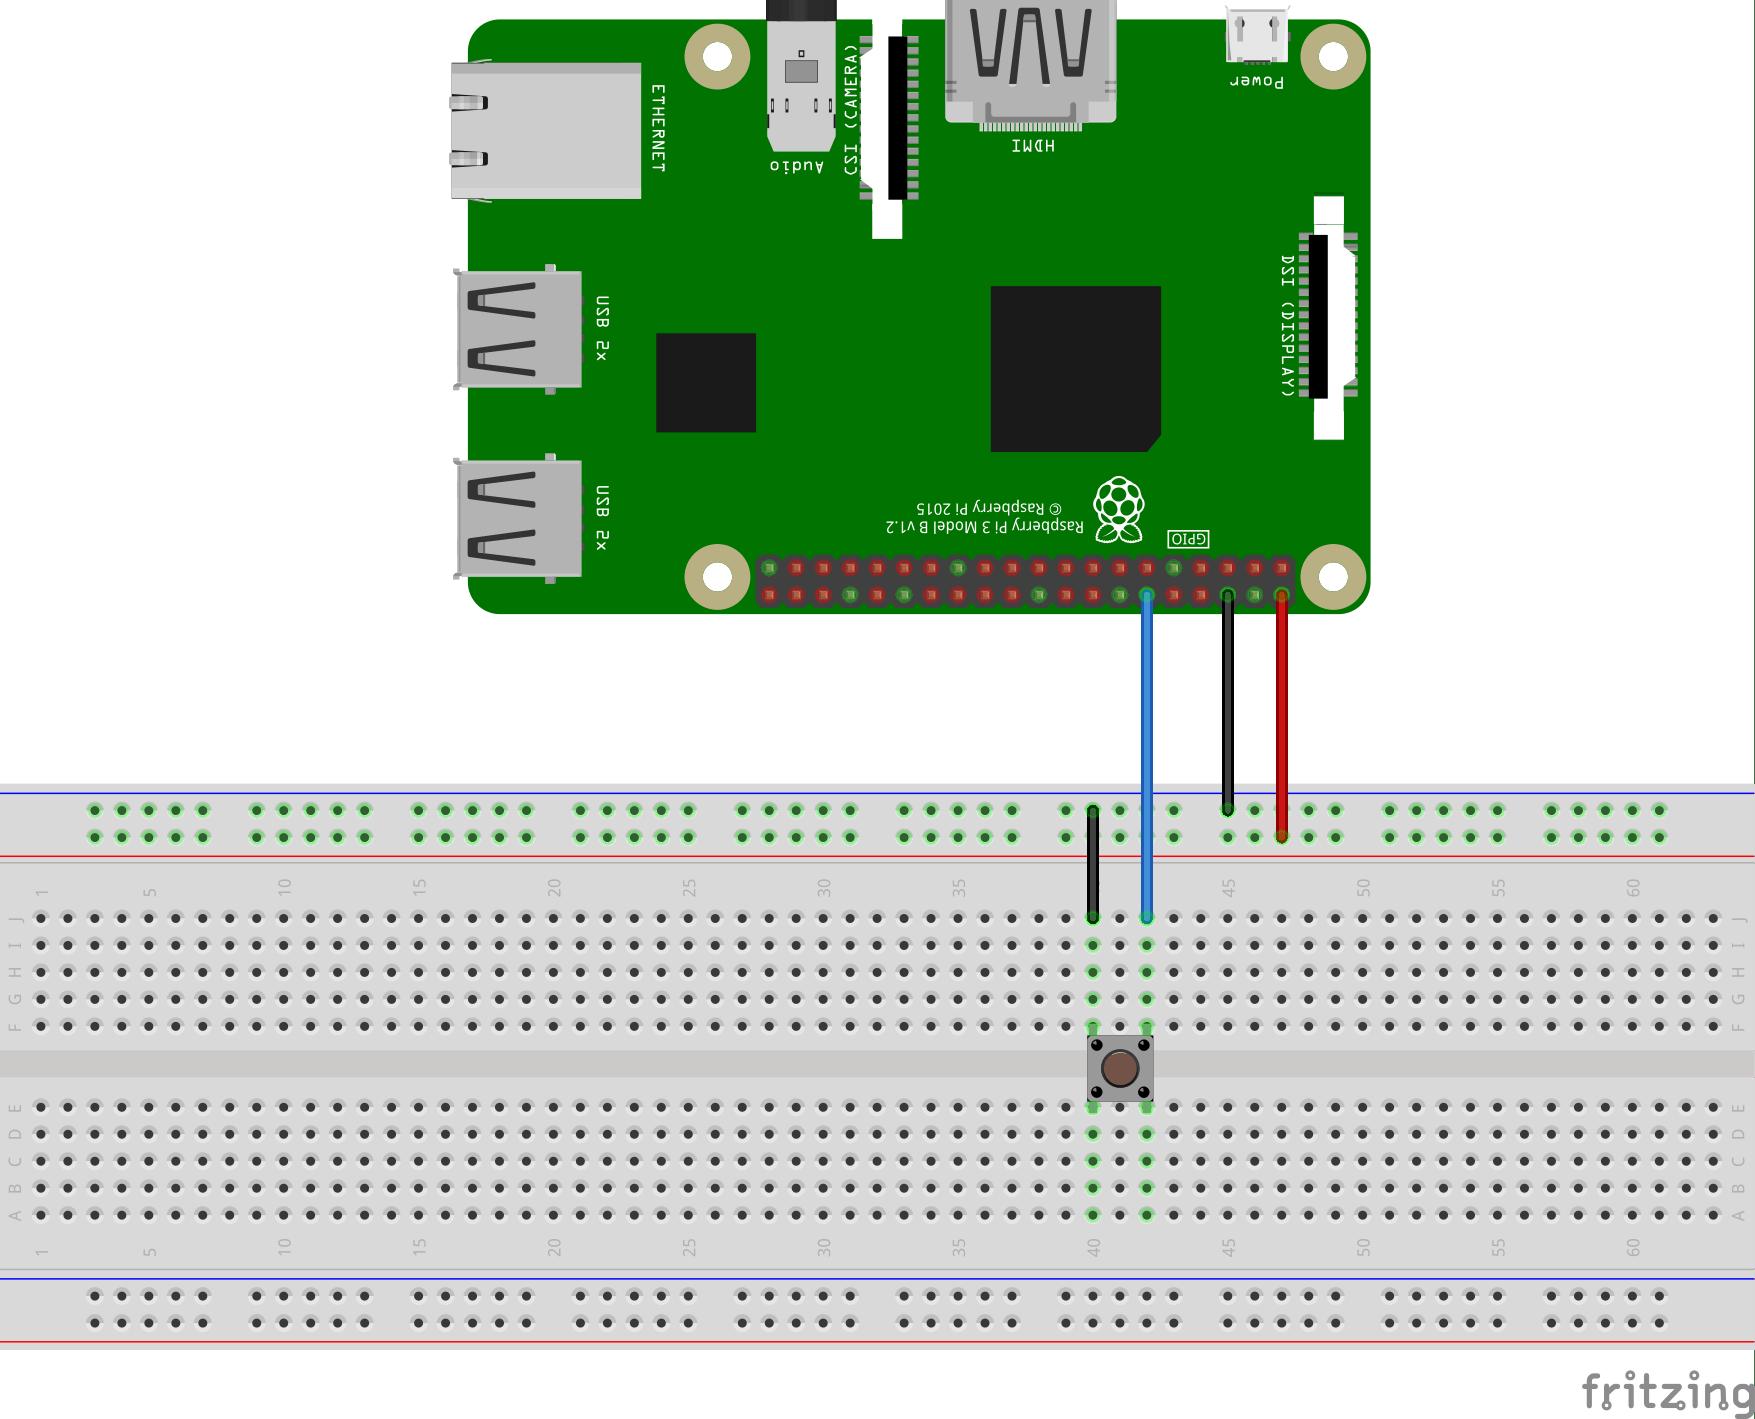 raspberry pi gpio wiring diagram how to draw eye build a pushbutton switch